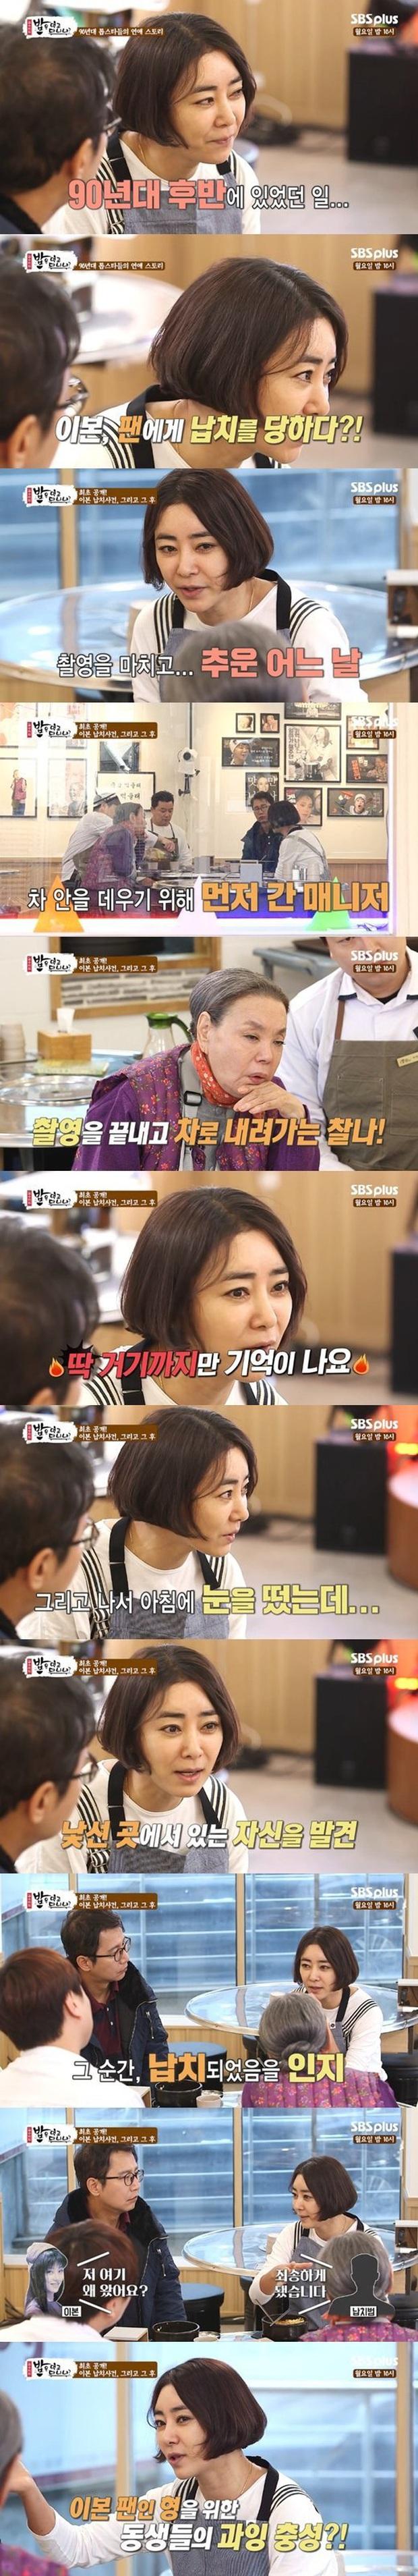 Vụ bắt cóc nữ idol Kpop chấn động sau 30 năm mới sáng tỏ: Nữ thần tượng kể lại trải nghiệm kinh hoàng và cái kết - Ảnh 3.